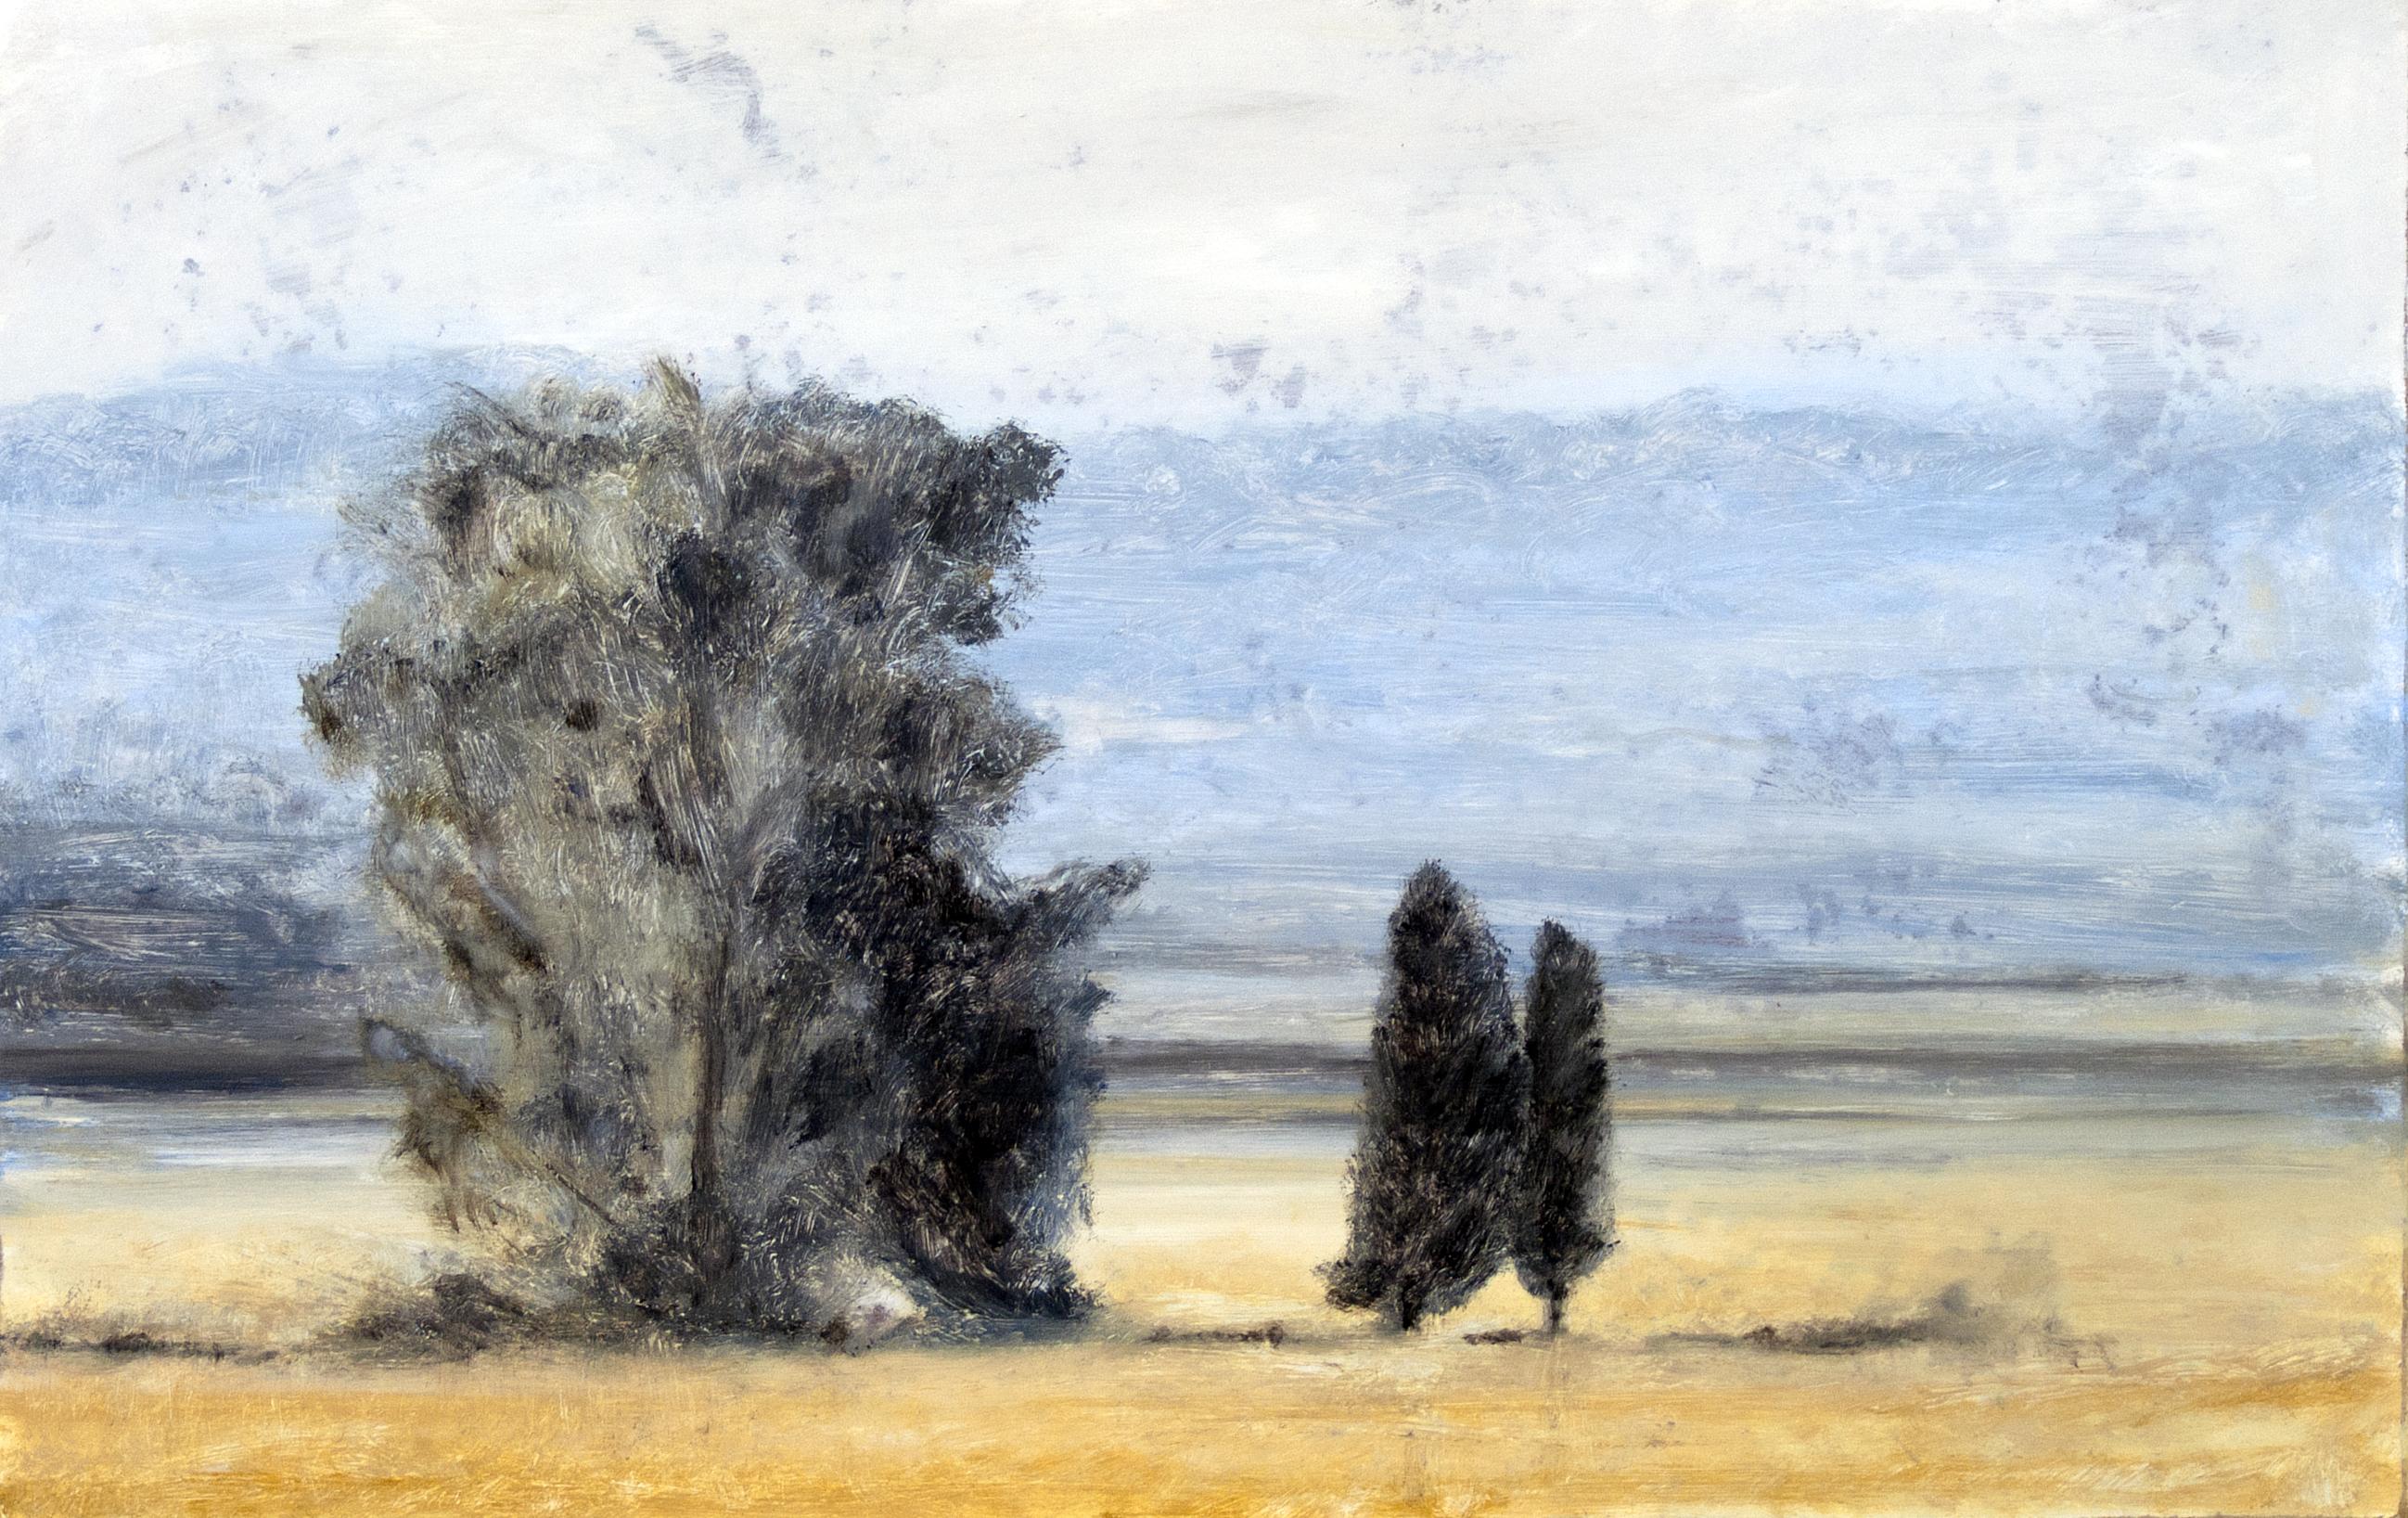 נוף במרחק - ב - משמר העמק